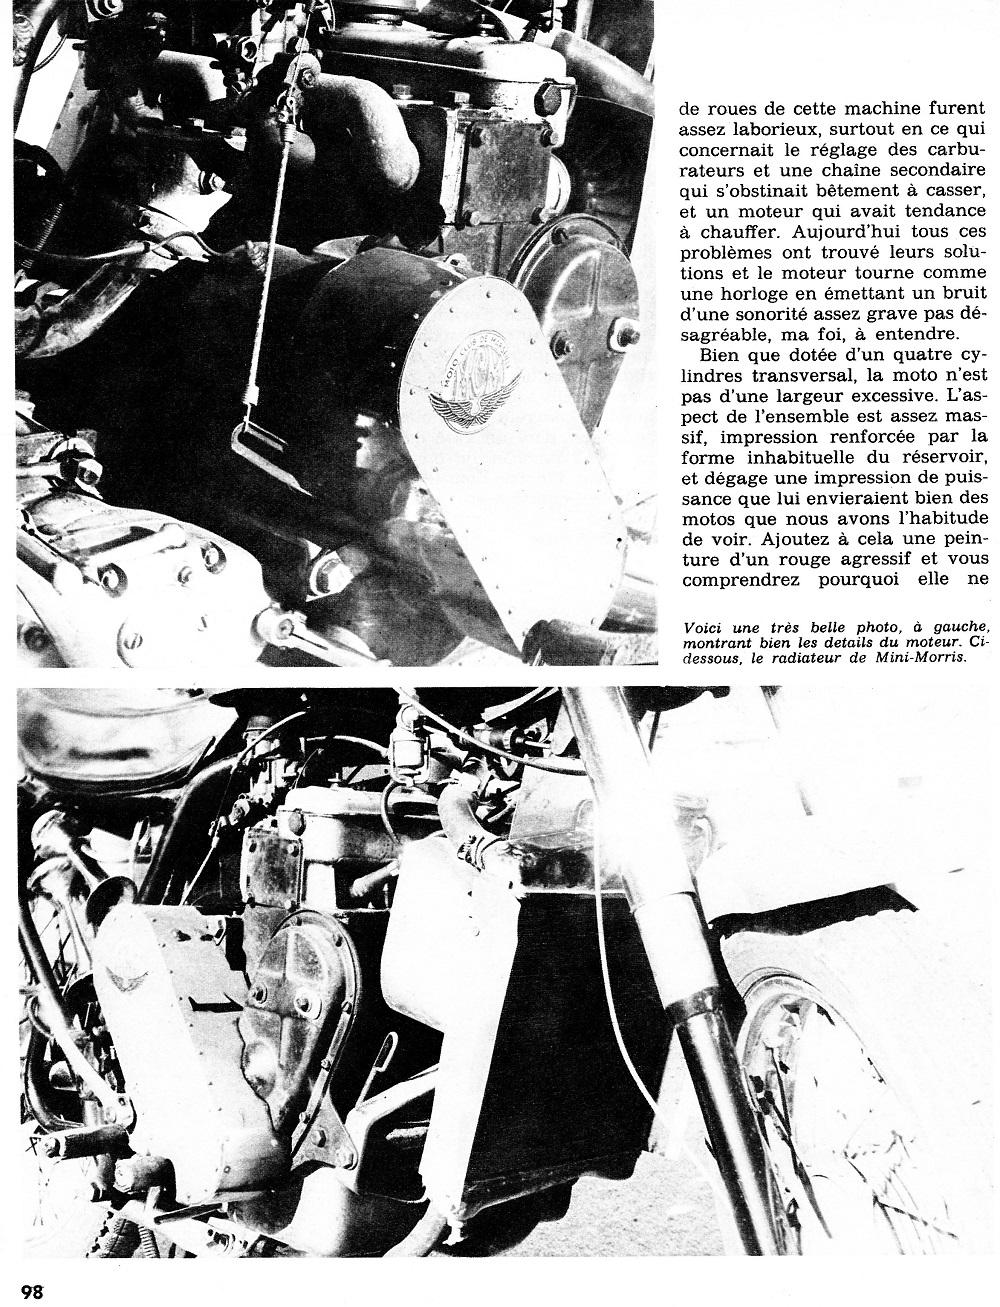 BSA 4 cylindres  Motocy14